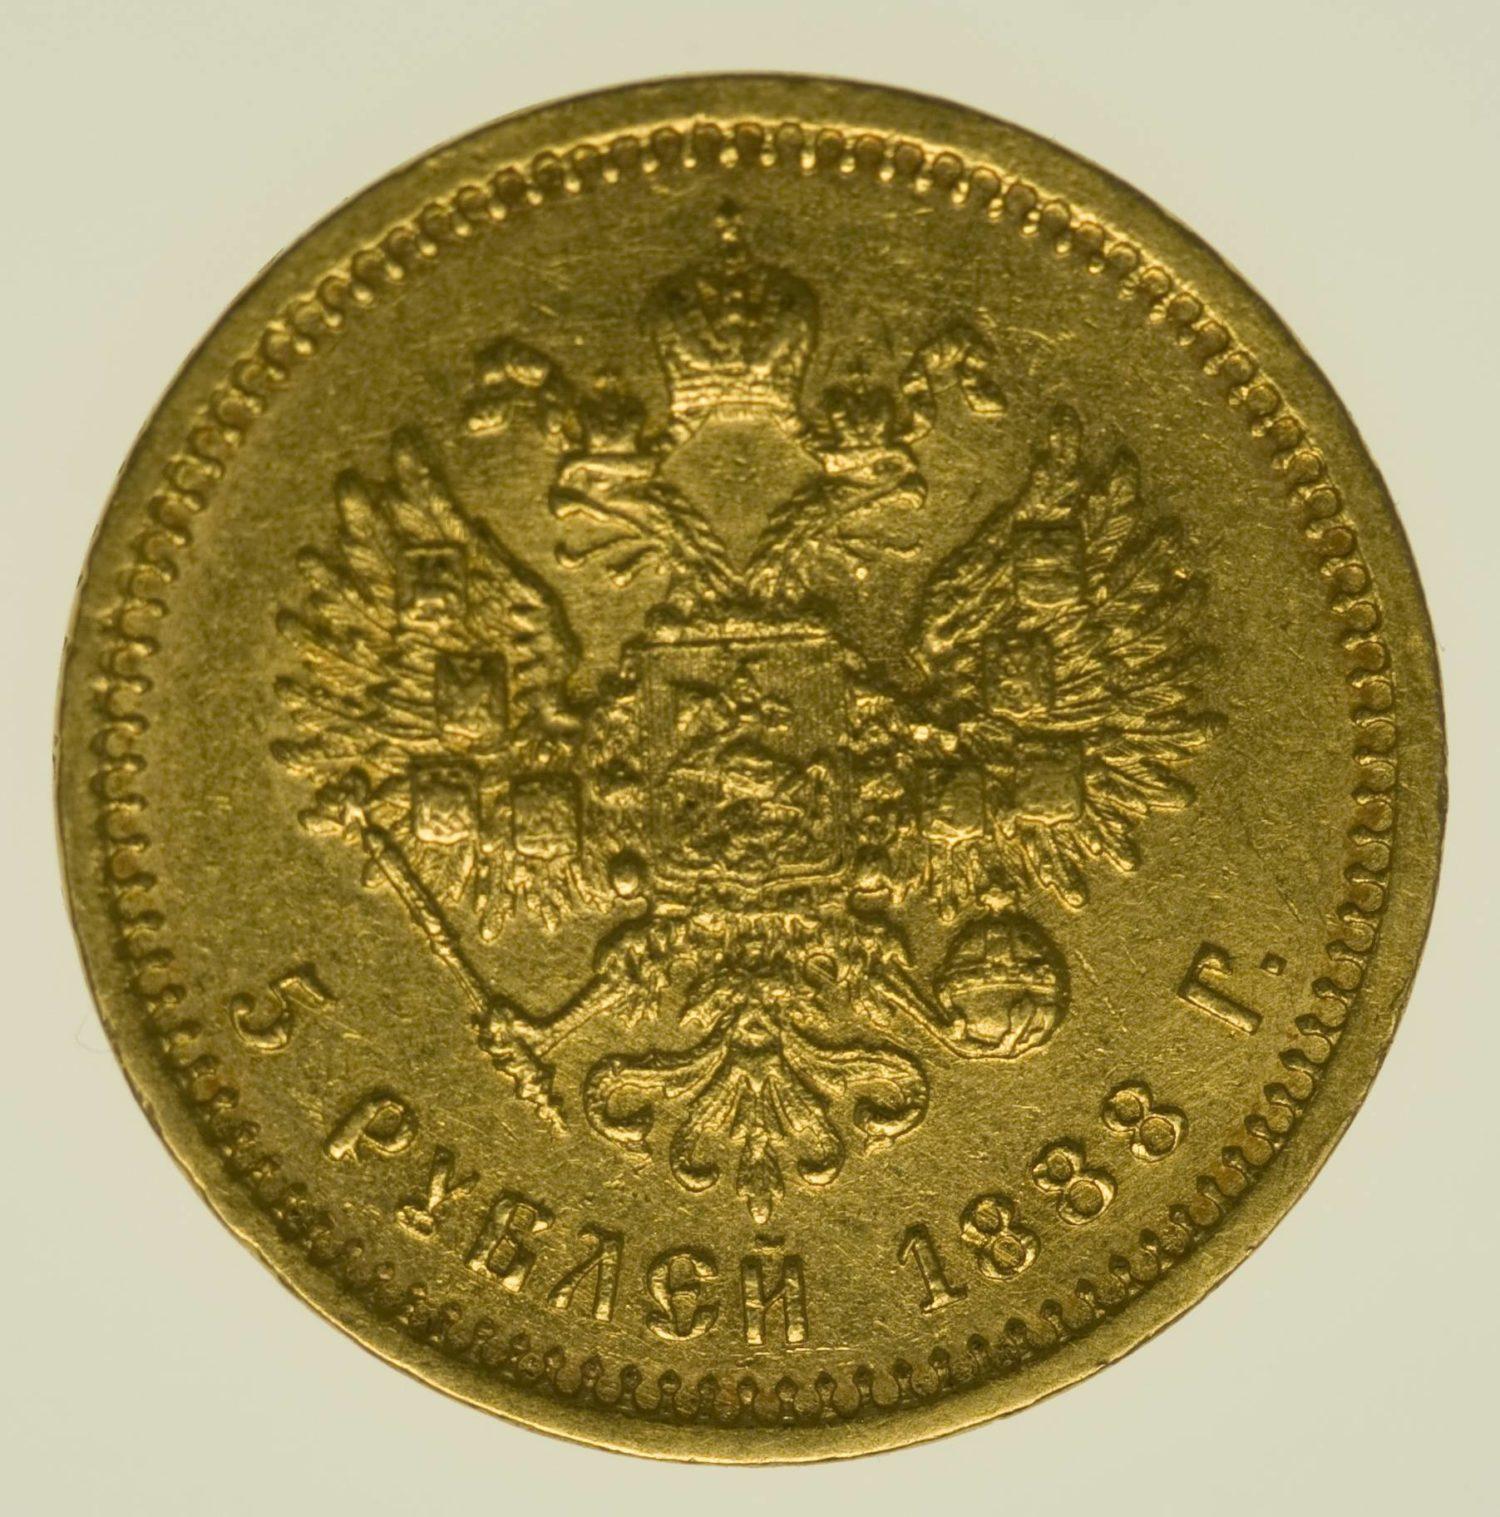 Russland Alexander III. 5 Rubel 1888 Gold 5,81 Gramm fein RAR